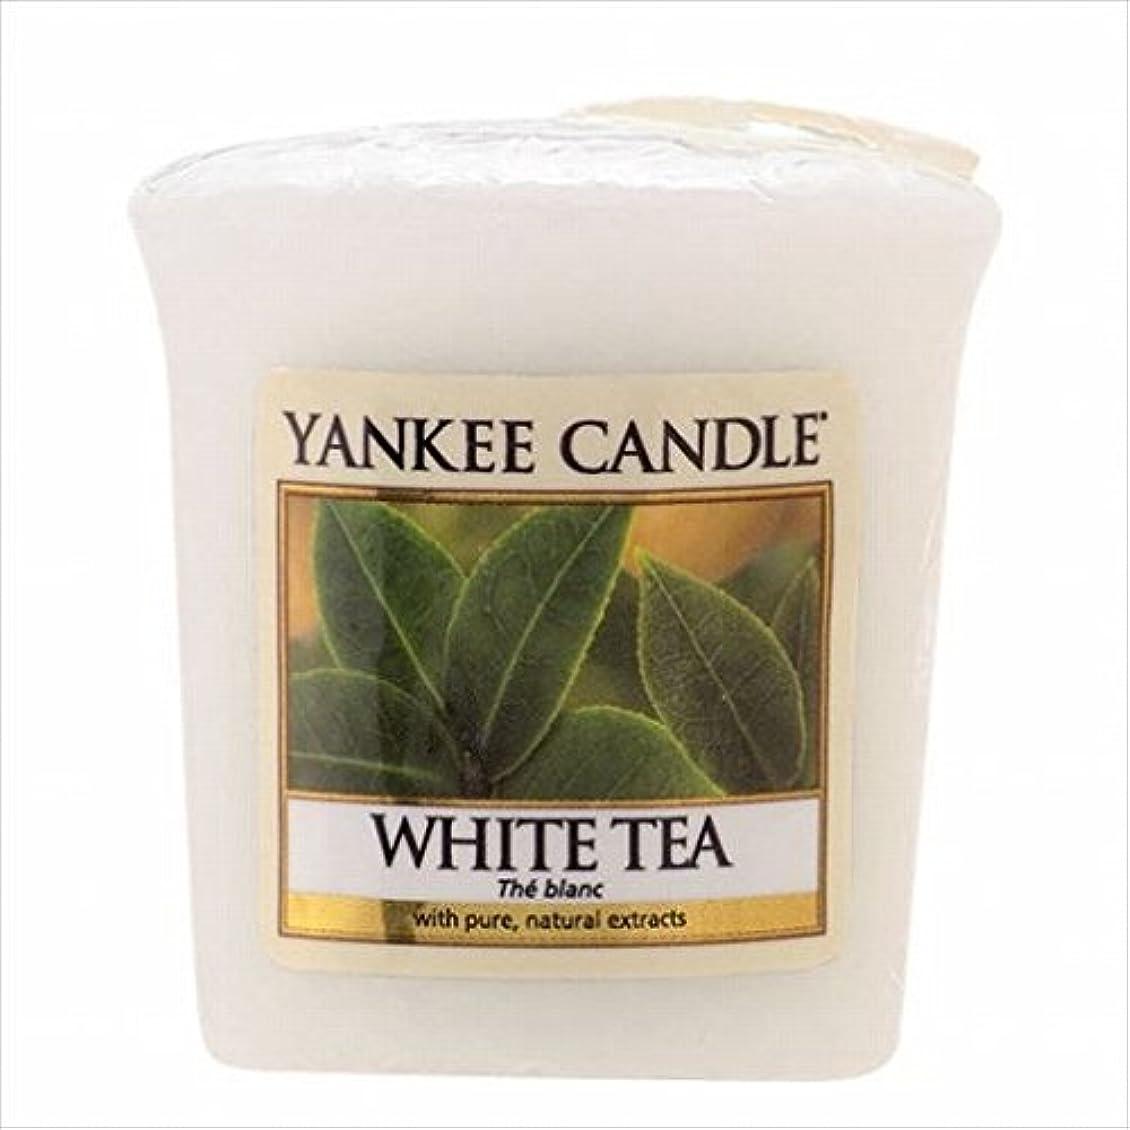 ポジティブタイヤ性格ヤンキーキャンドル(YANKEE CANDLE) YANKEE CANDLE サンプラー 「 ホワイトティー 」6個セット